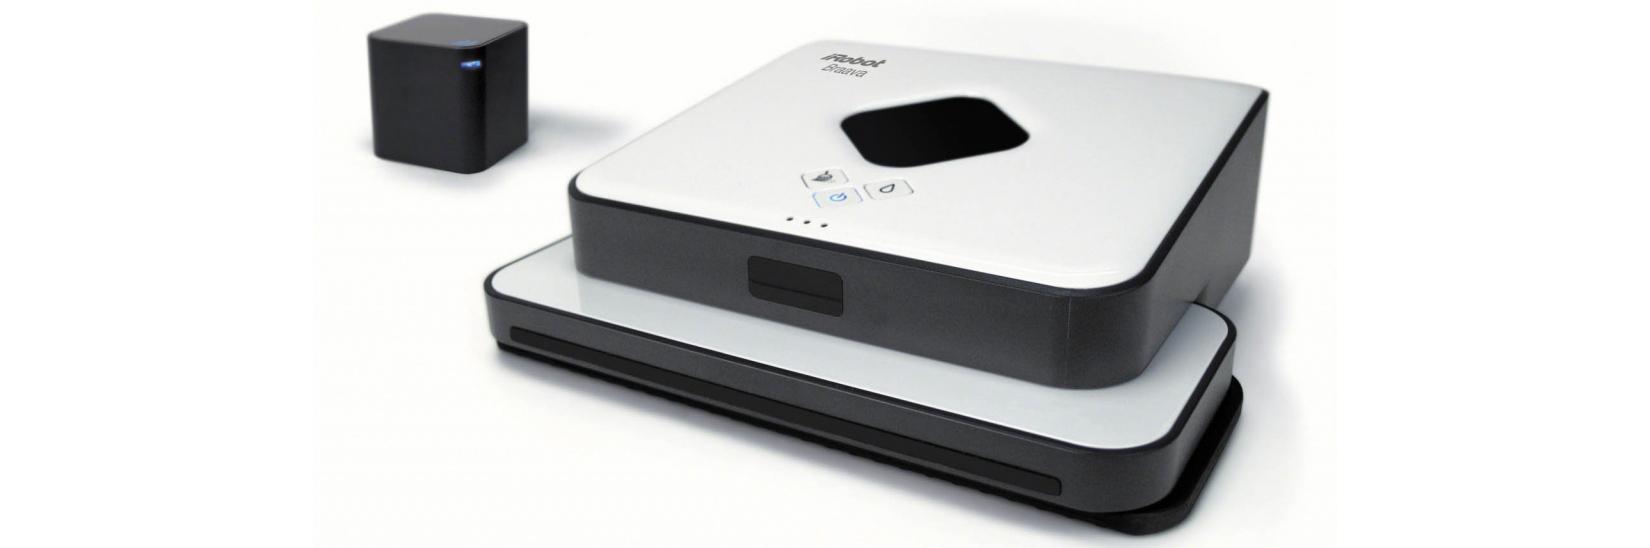 iRobot Braava 390T ориентируется в помещении благодаря навигационному кубу